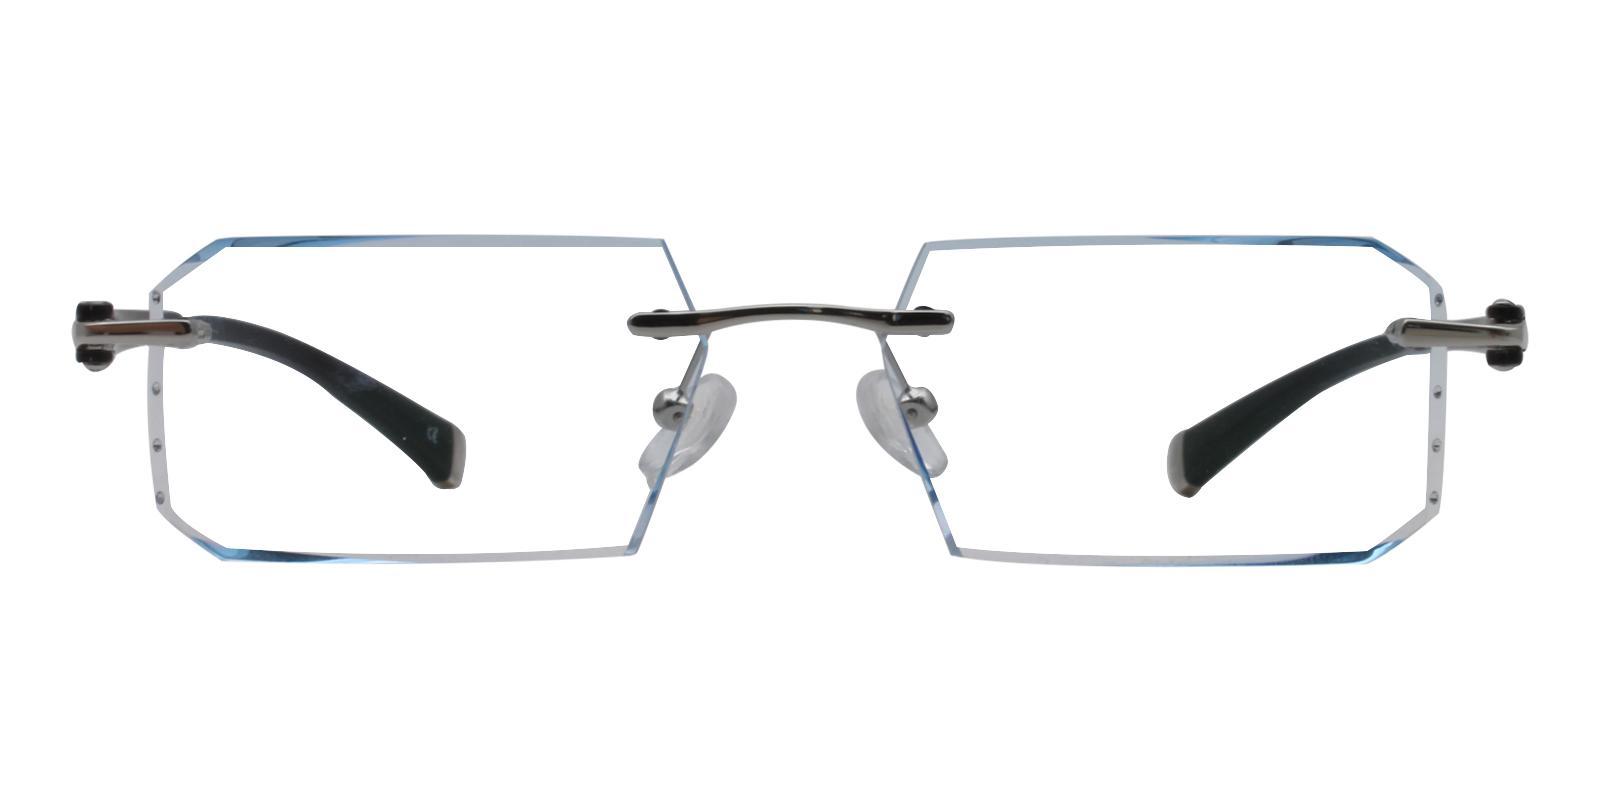 Lincoln Blue Titanium Eyeglasses , NosePads Frames from ABBE Glasses